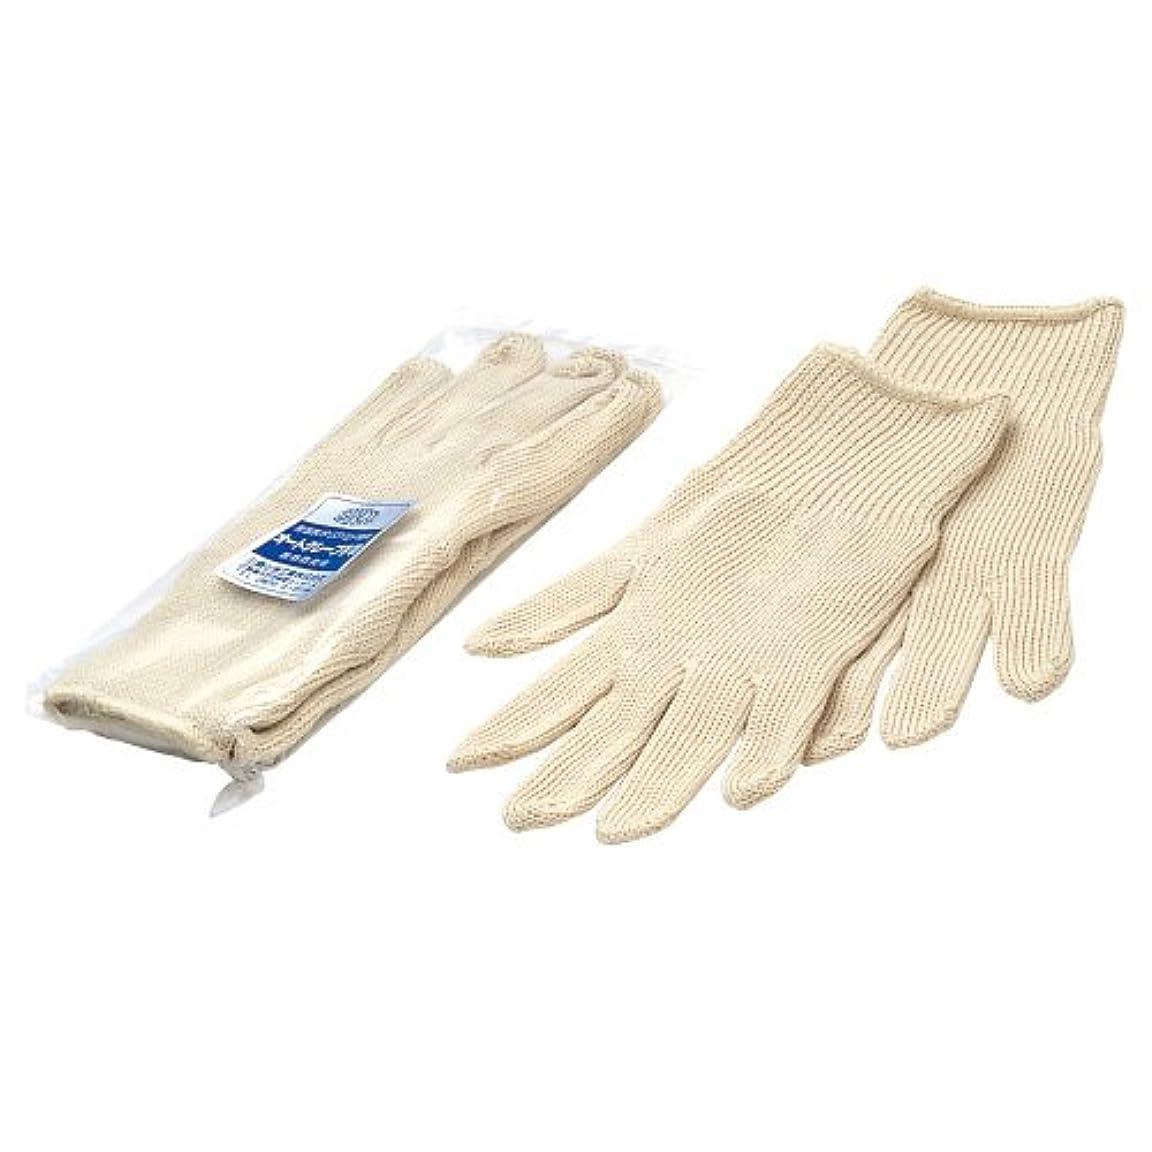 愛国的な心臓政治家のオートクレーブ手袋(ロング)